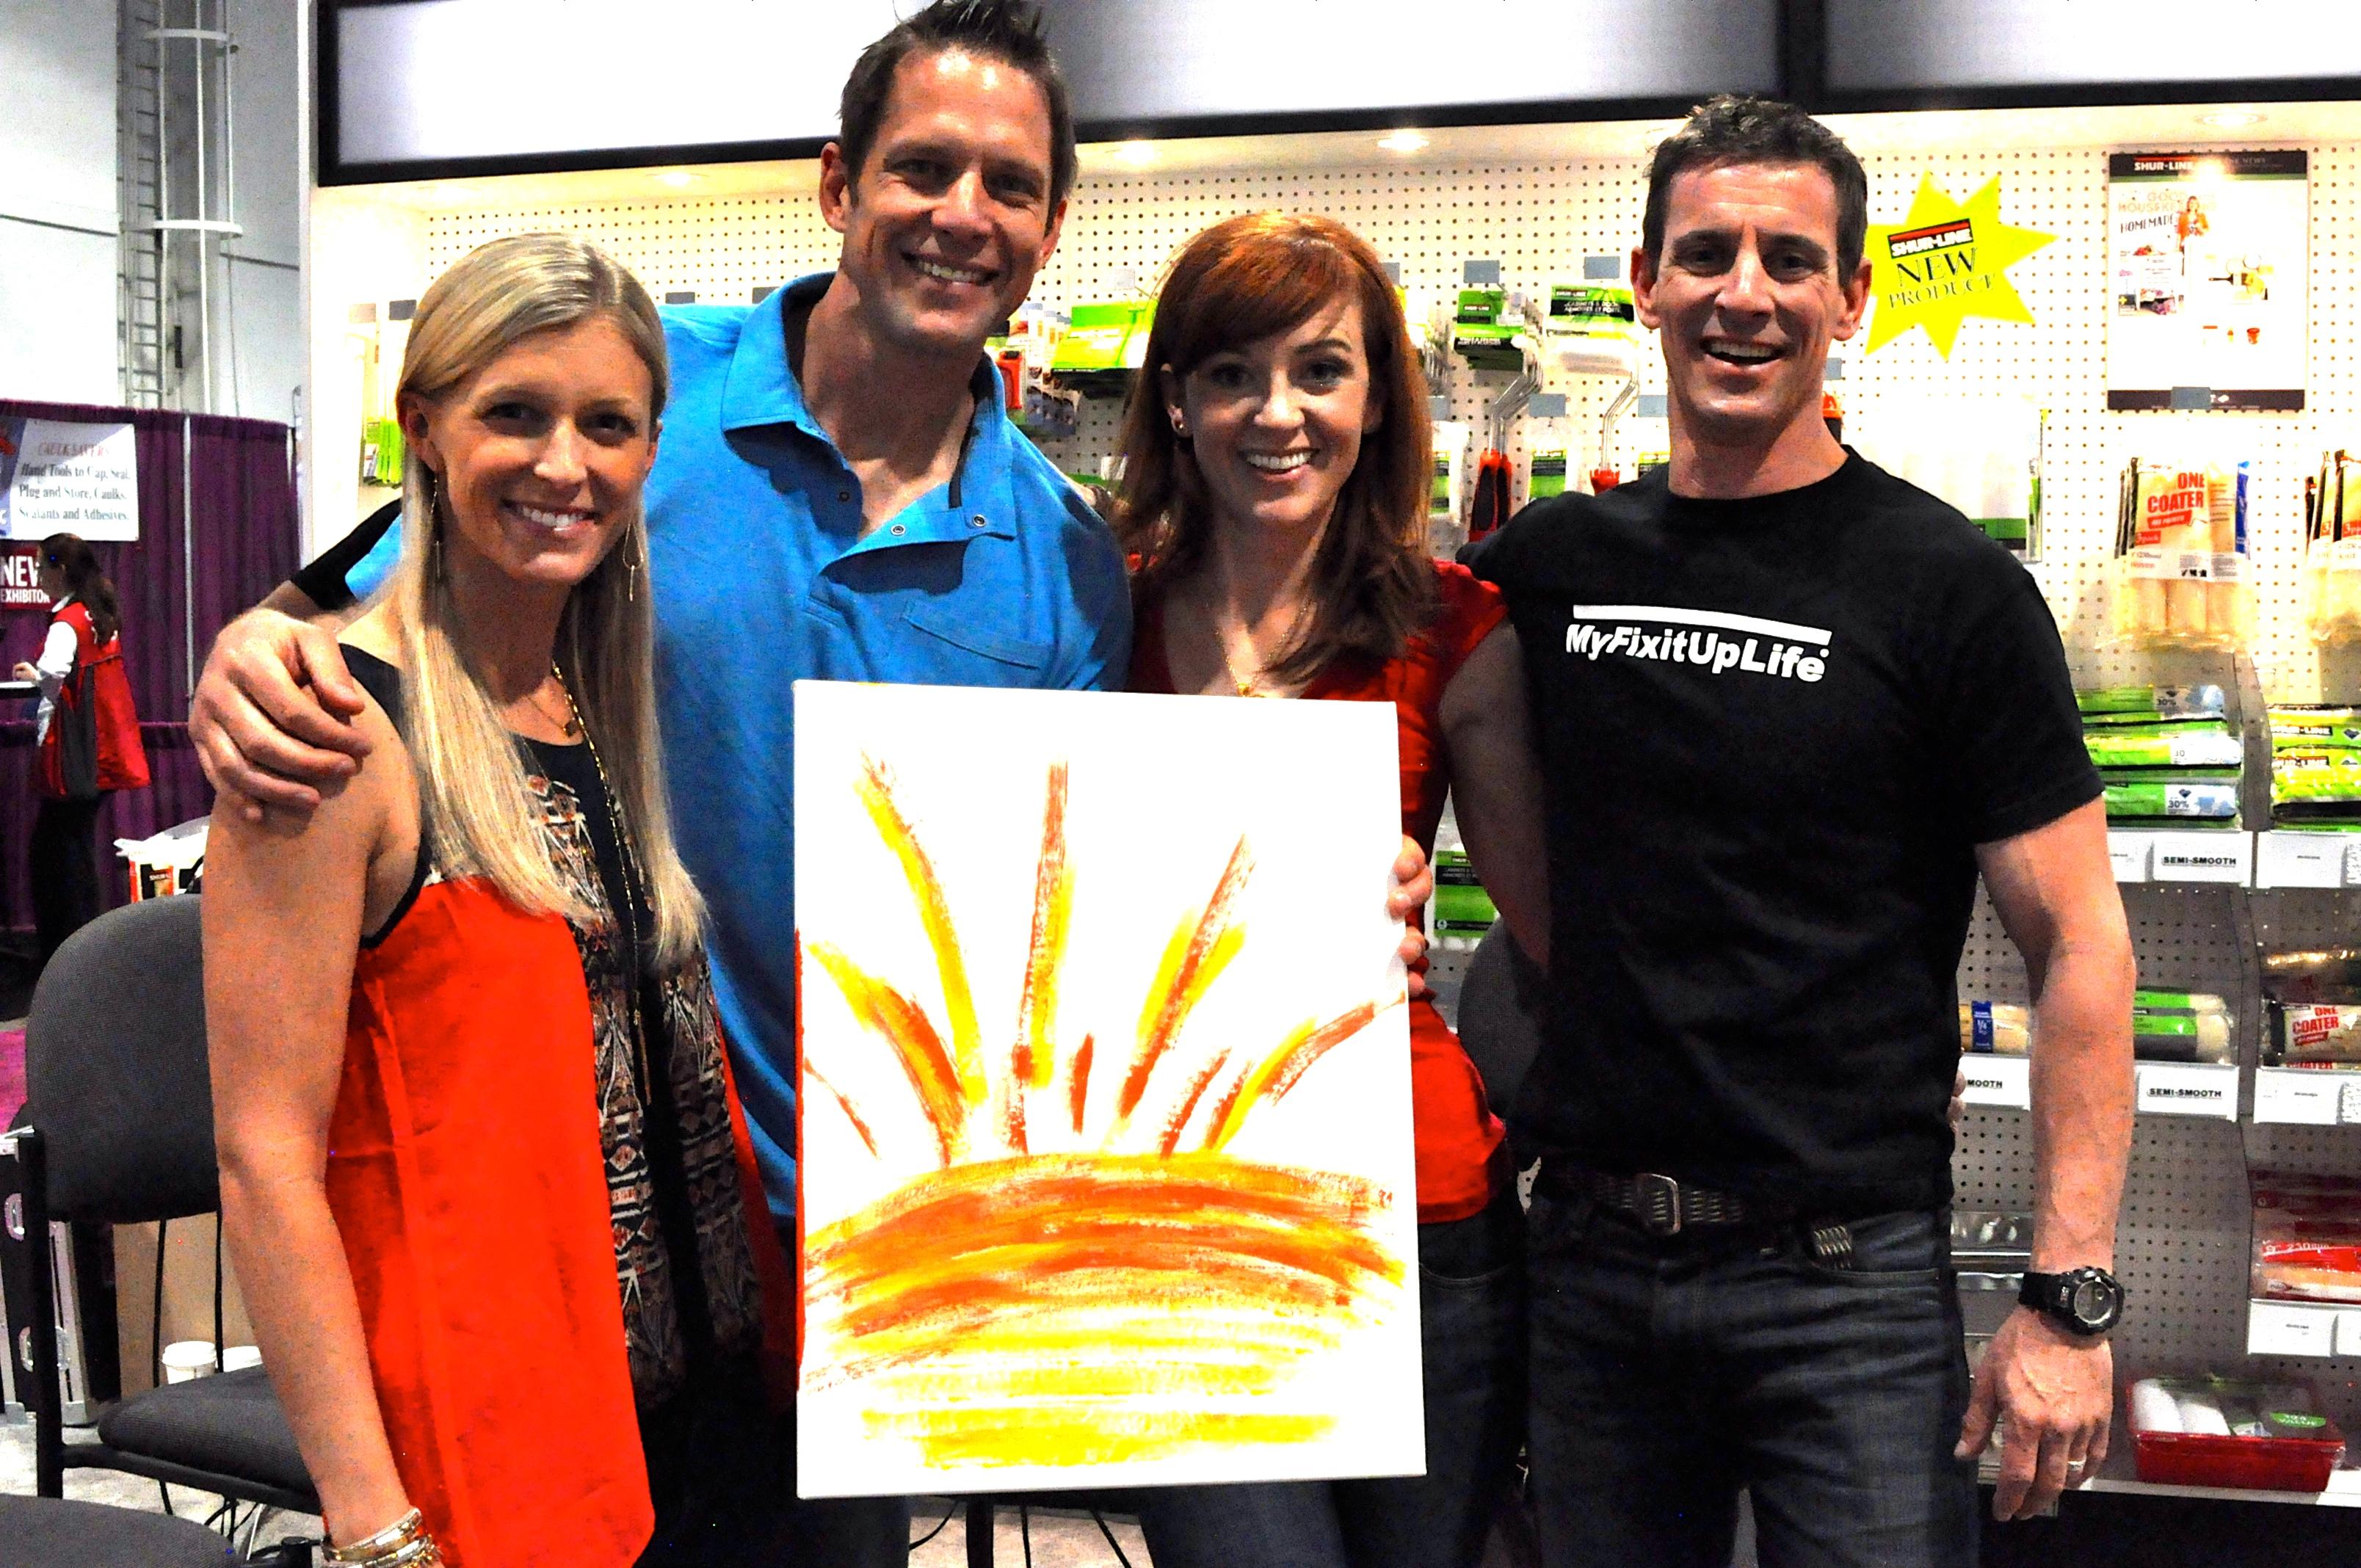 Chris Lambton shares his art with Peyton Lambton, Mark and Theresa